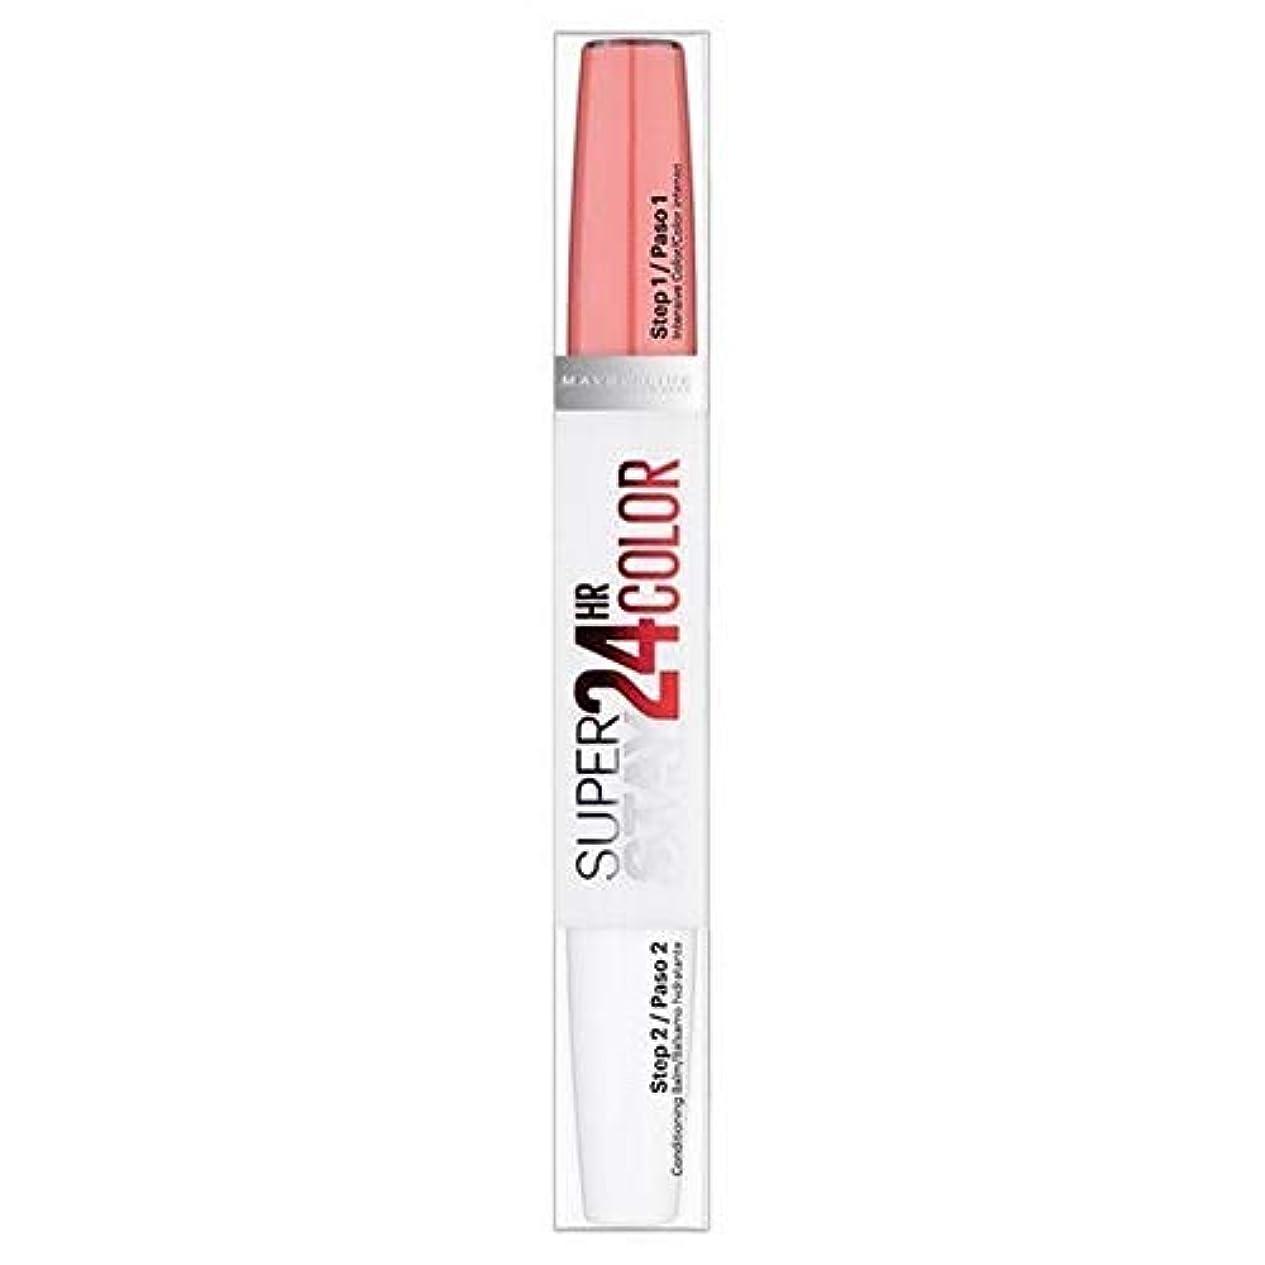 良心温度計感覚[Maybelline ] メイベリンSuperstay 24時間口紅自然フラッシュ - Maybelline Superstay 24HR Lipstick Natural Flush [並行輸入品]